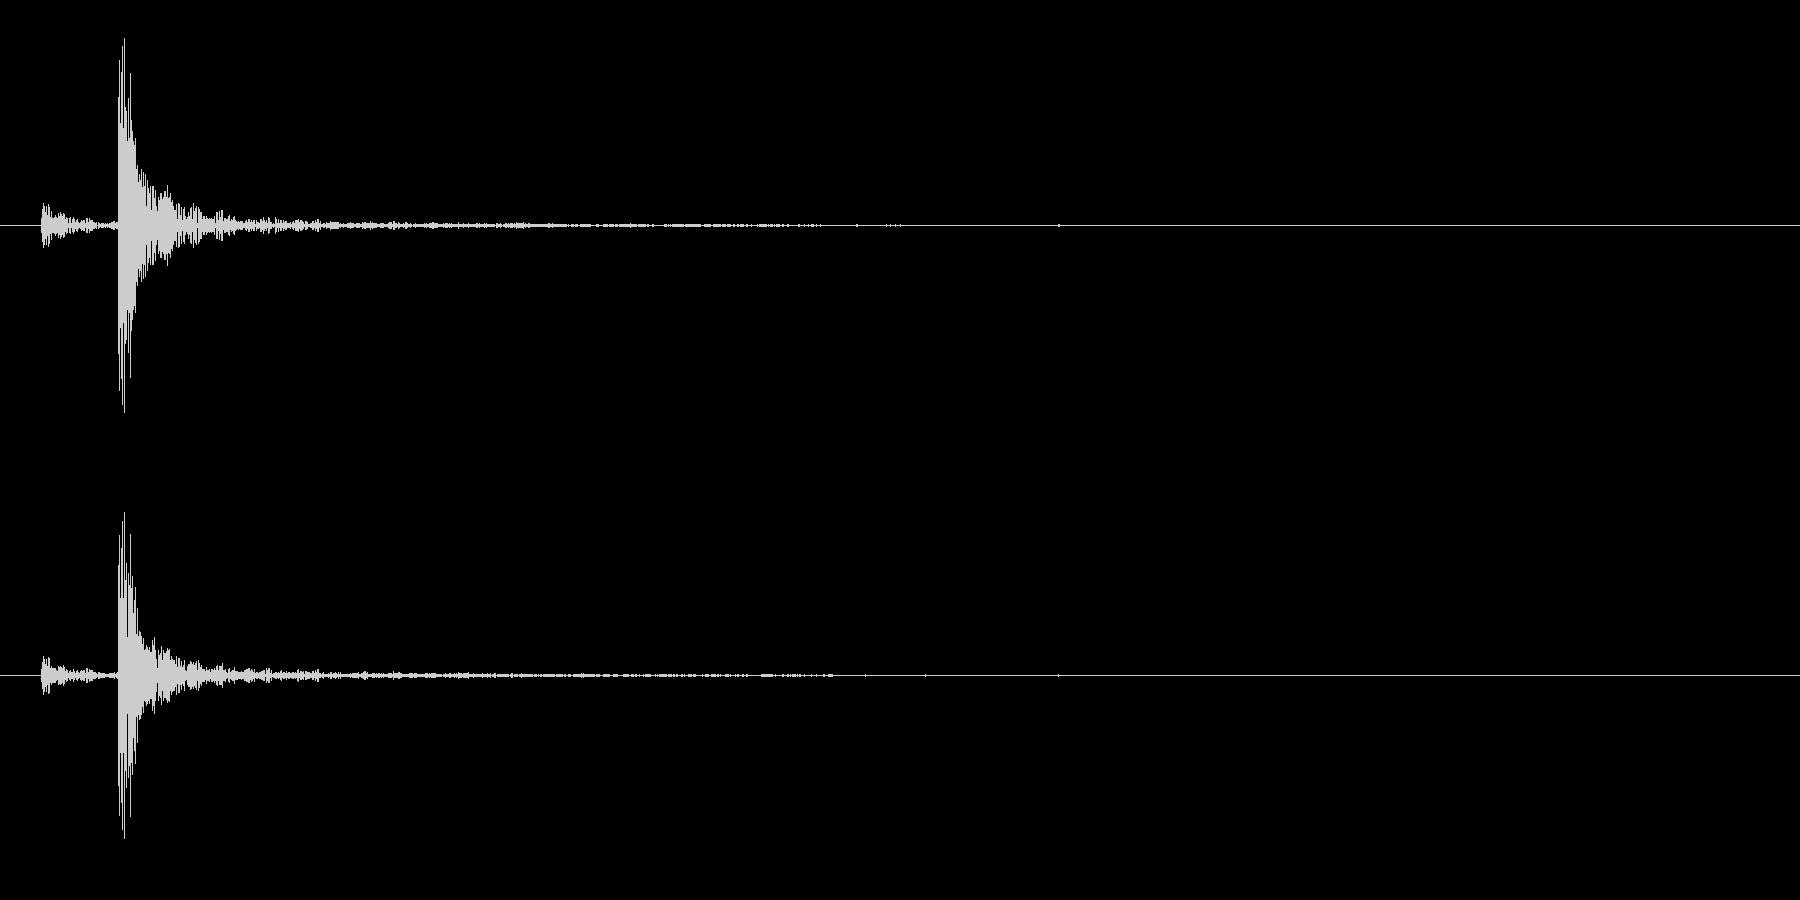 和太鼓の桶胴(おけどう)の単発音+Fxの未再生の波形